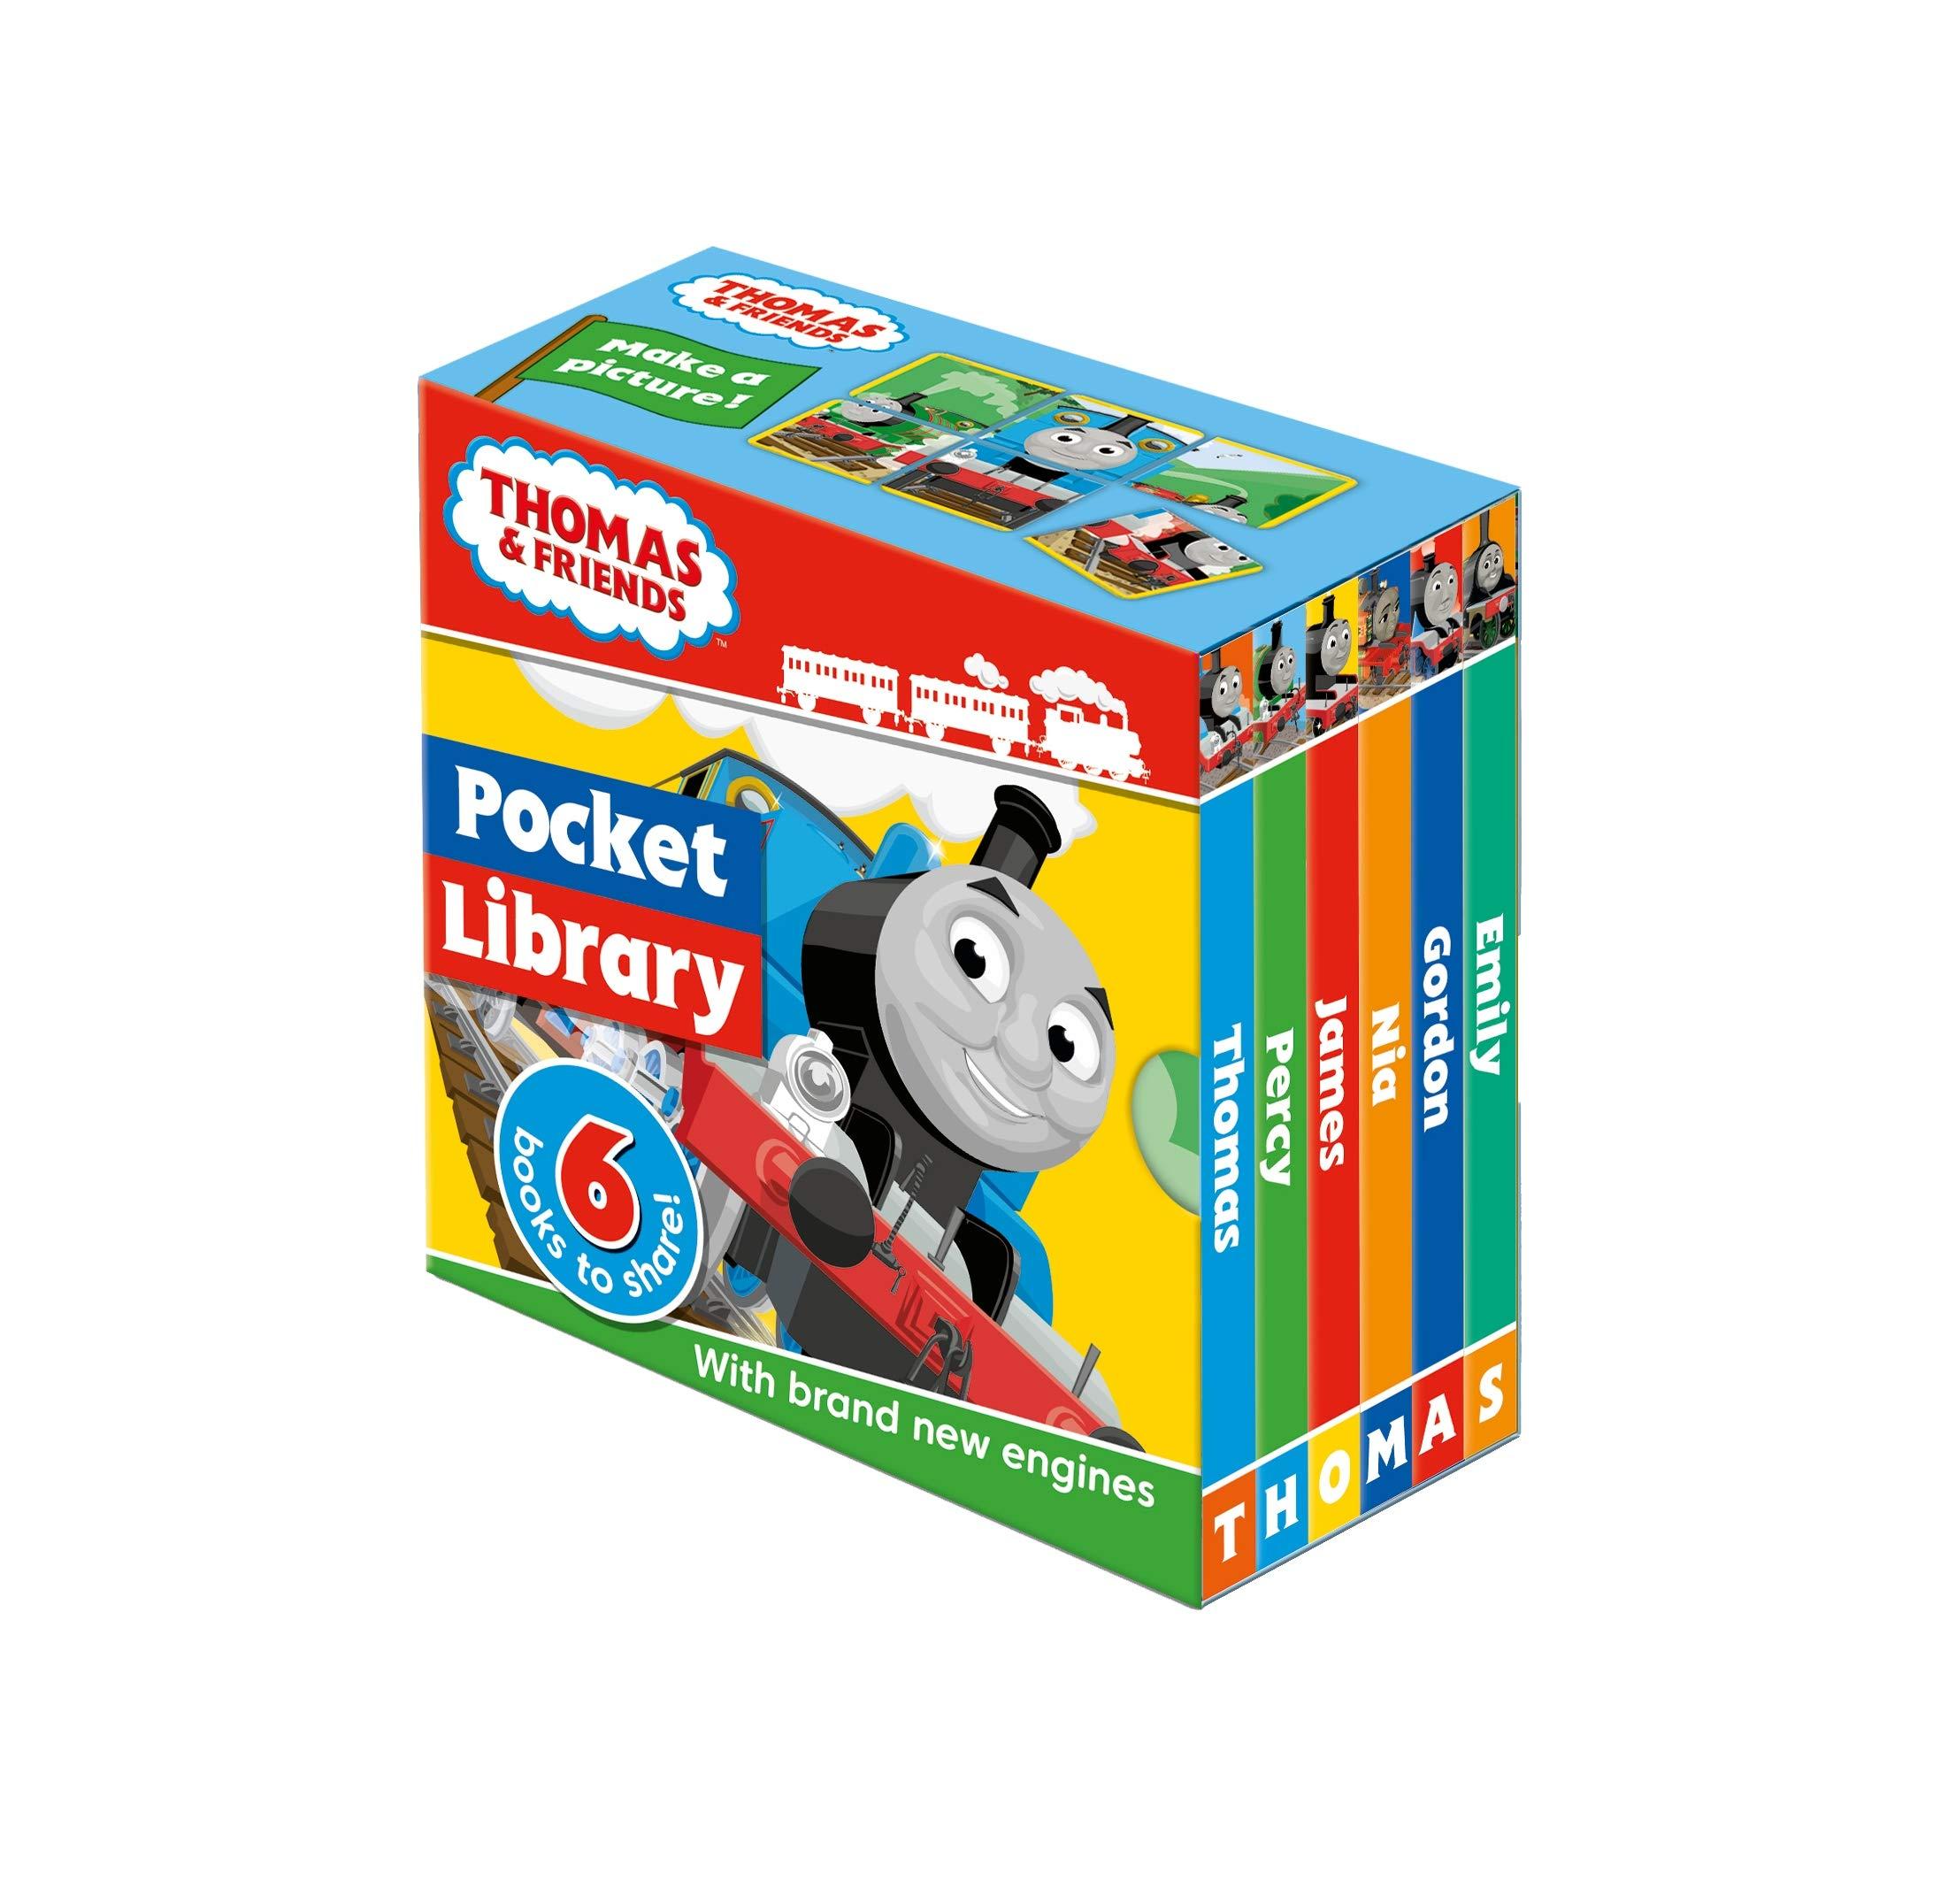 Thomas & Friends: Pocket Library Board book £2.50 (Prime) / £5.49 (non Prime) at Amazon